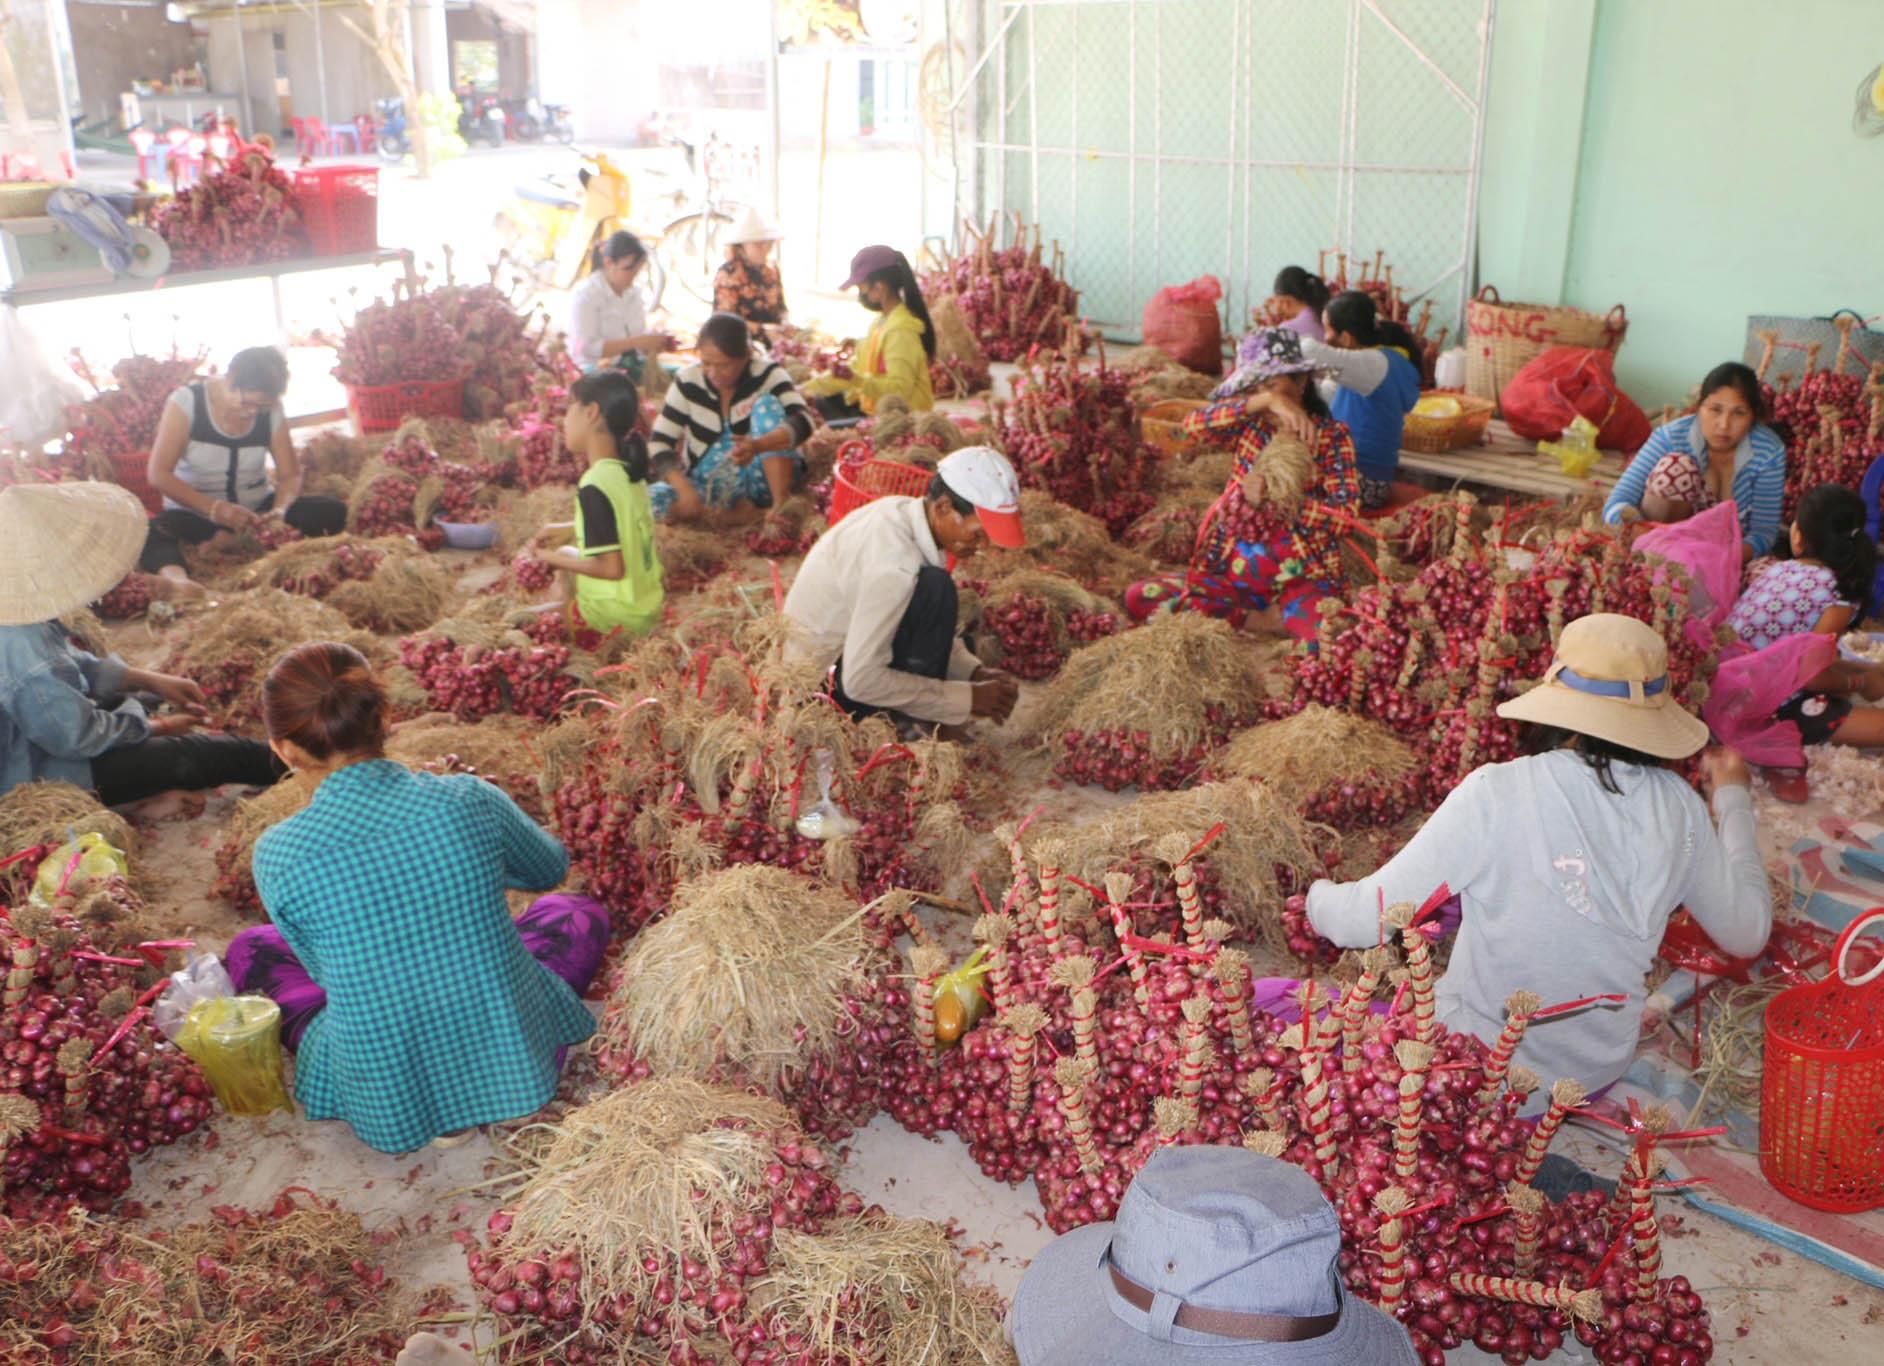 Người dân Vĩnh Châu lao đao vì hành tím rớt giá, tồn đọng hàng chục nghìn tấn